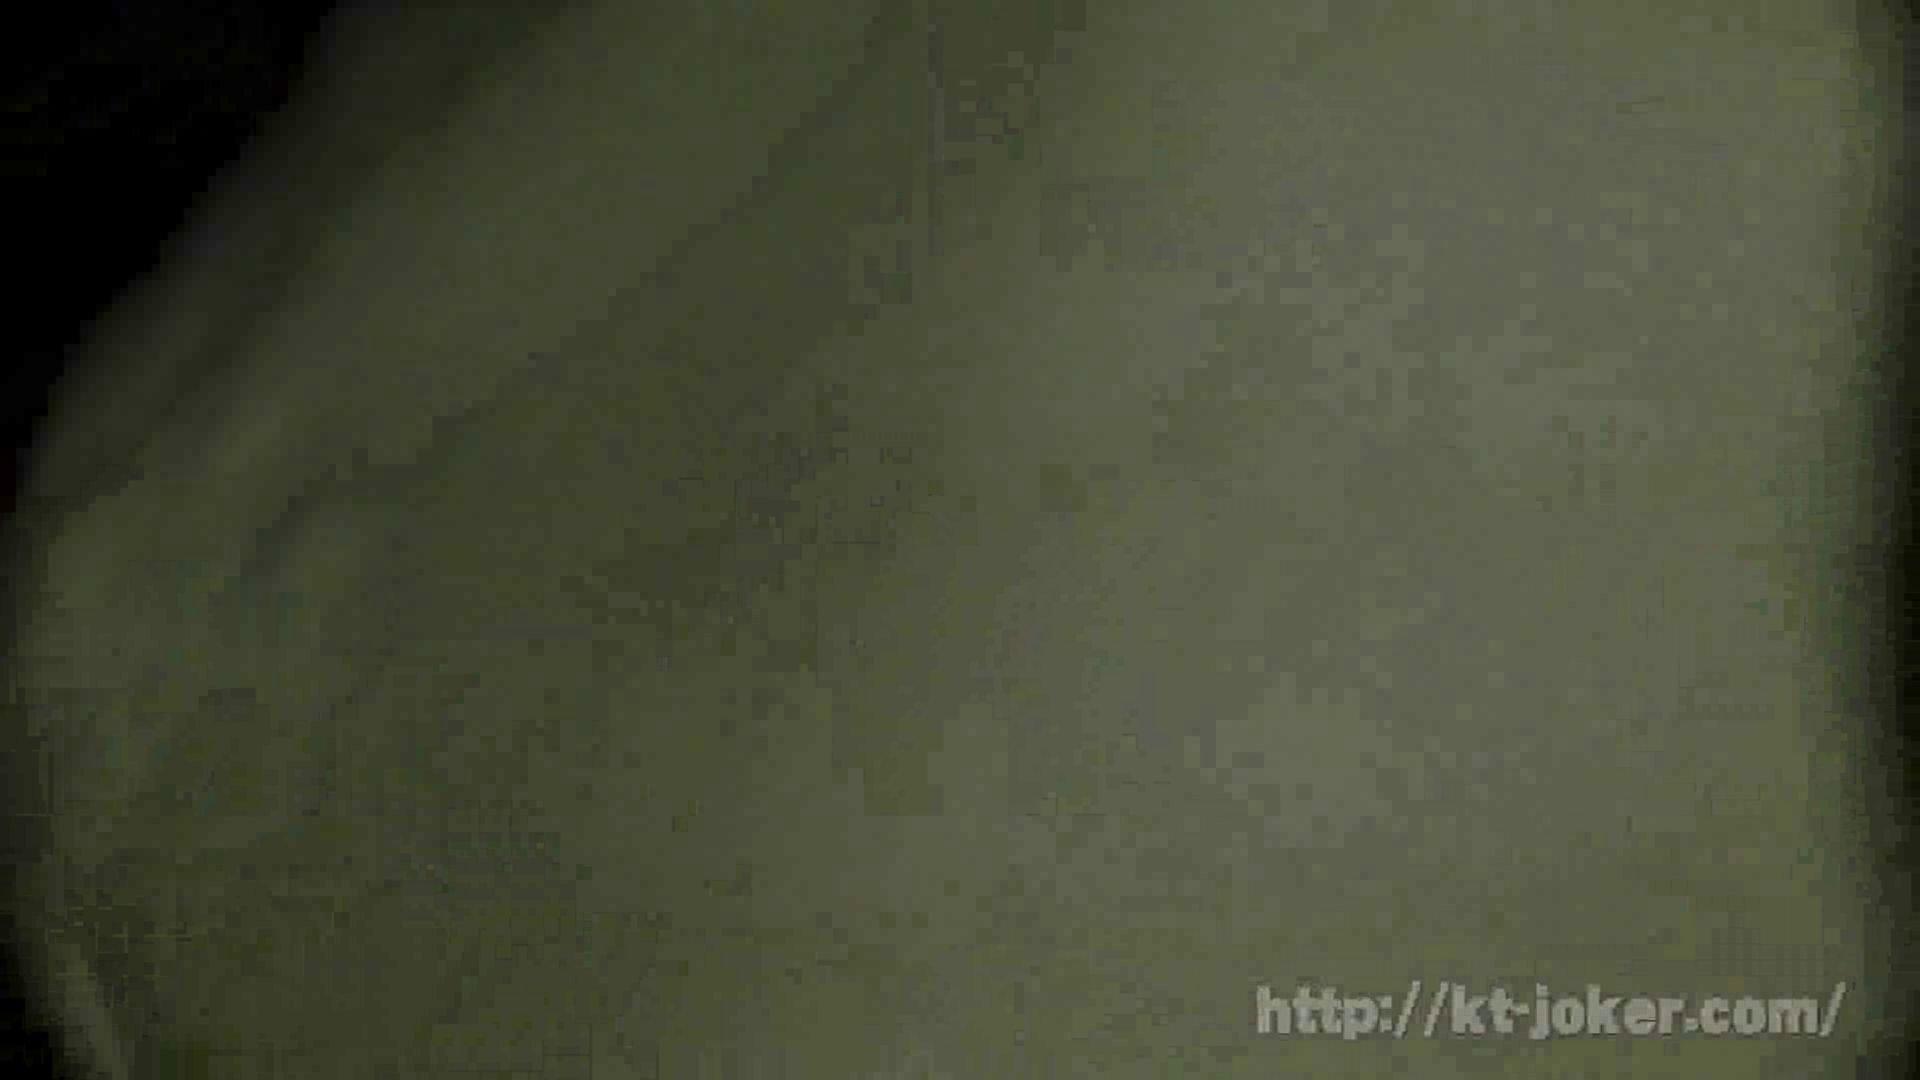 命がけ潜伏洗面所! vol.71 典型的な韓国人美女登場!! 美女 | プライベート  69連発 45